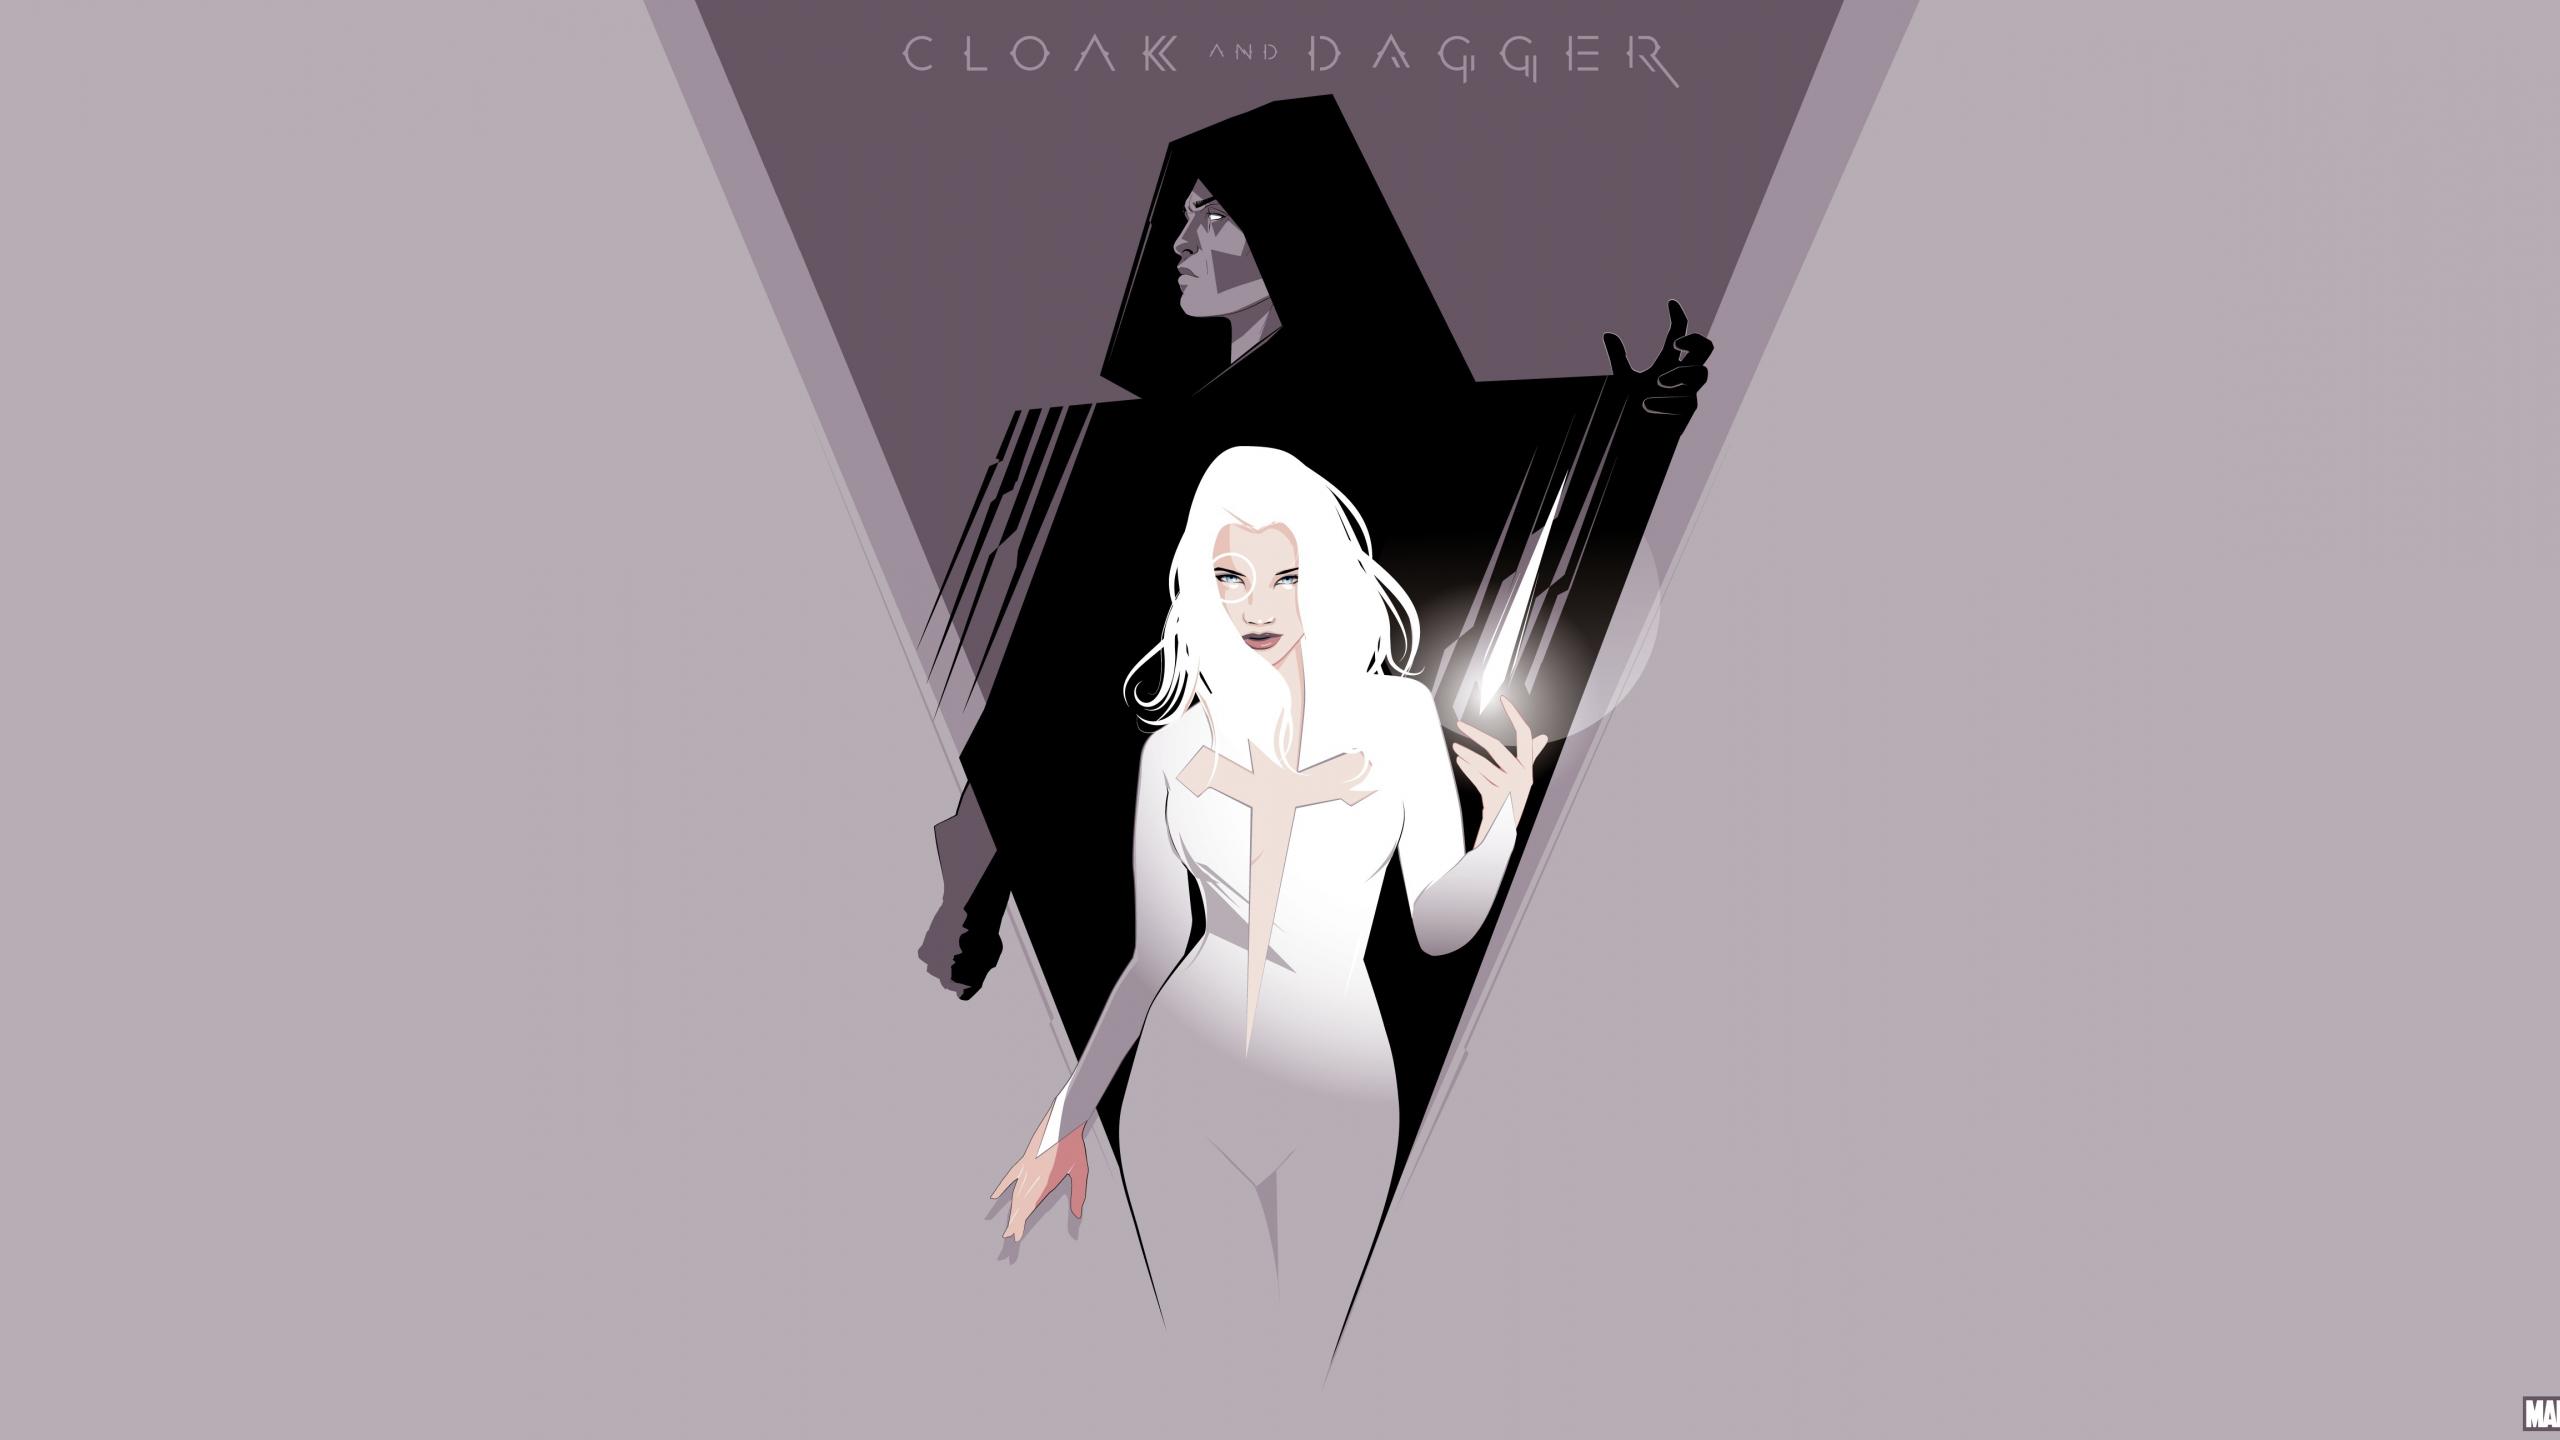 Download 2560x1440 Wallpaper Cloak Dagger Marvel Tv Show